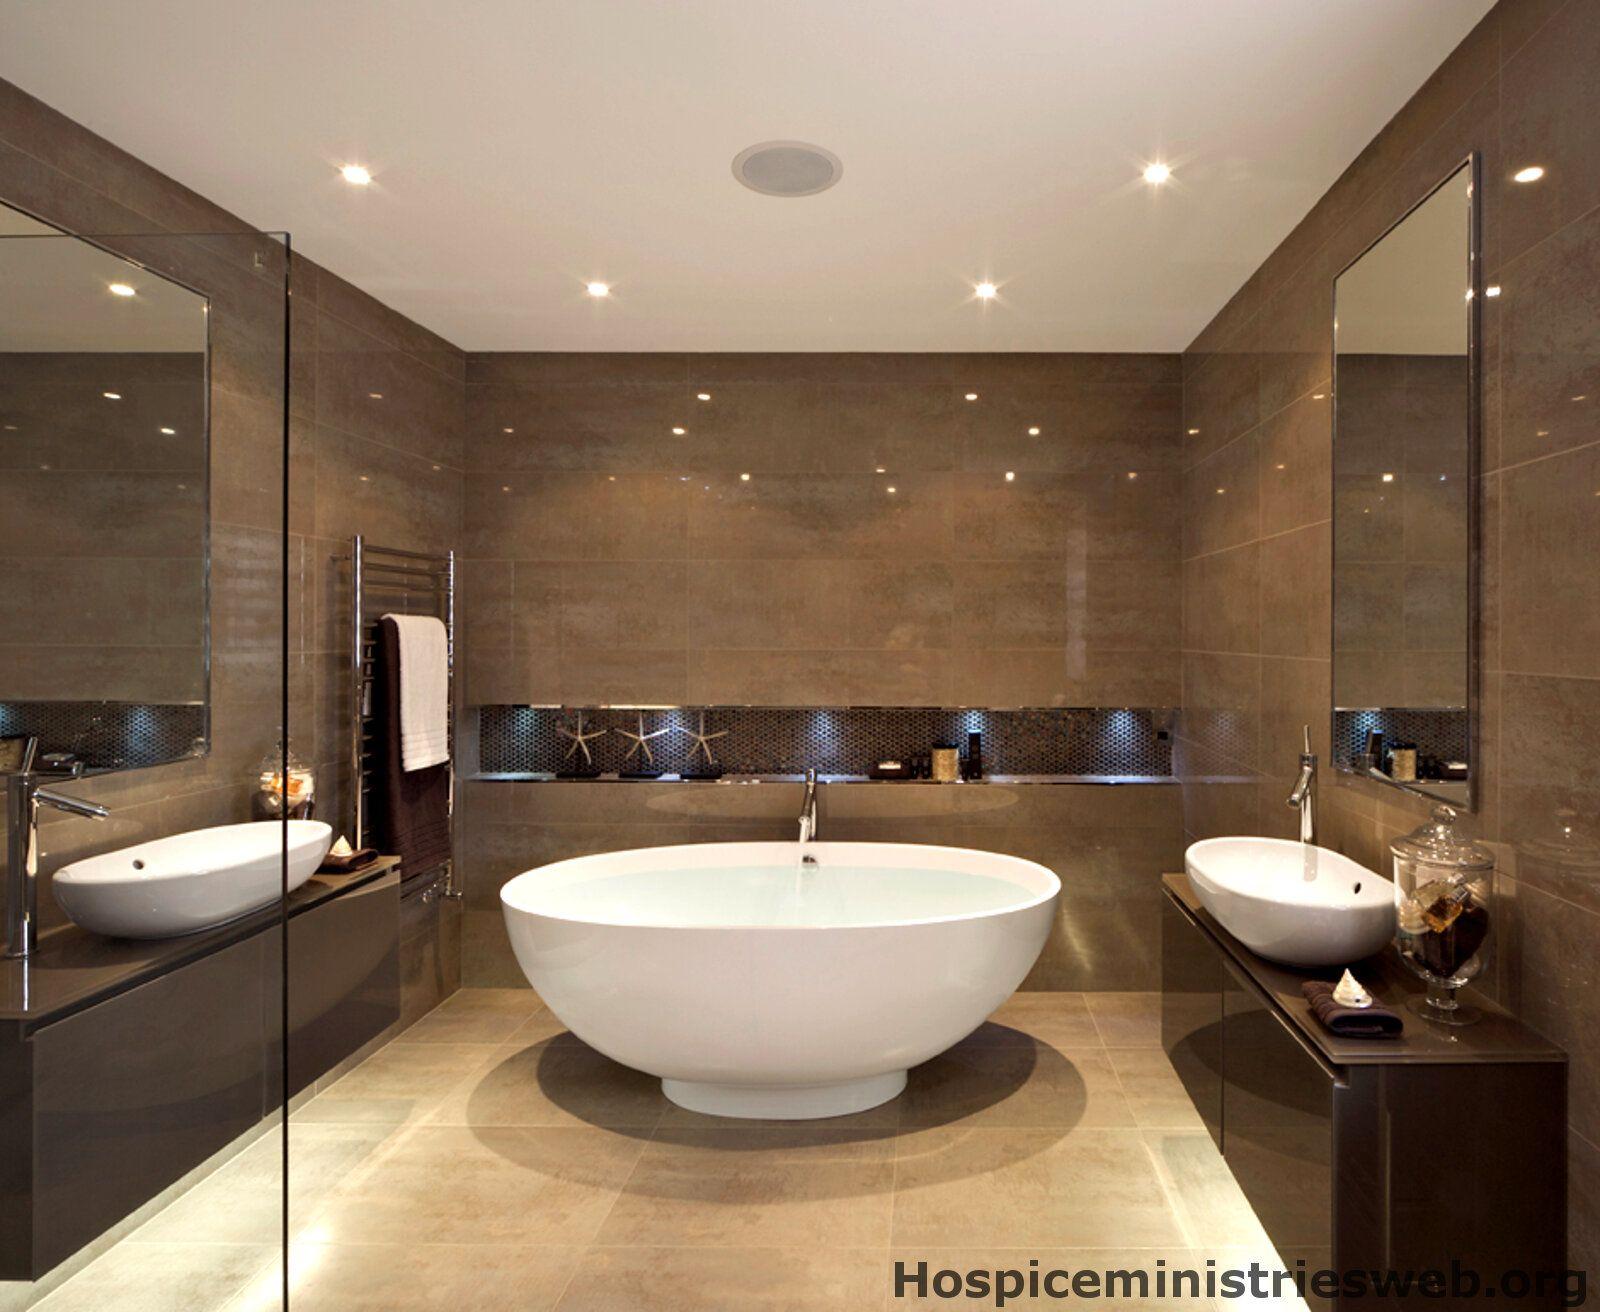 35 Ideen Fur Badezimmer Braun Beige Wohn Ideen Kleines Badezimmer Umgestalten Badezimmer Beispiele Bad Gunstig Renovieren